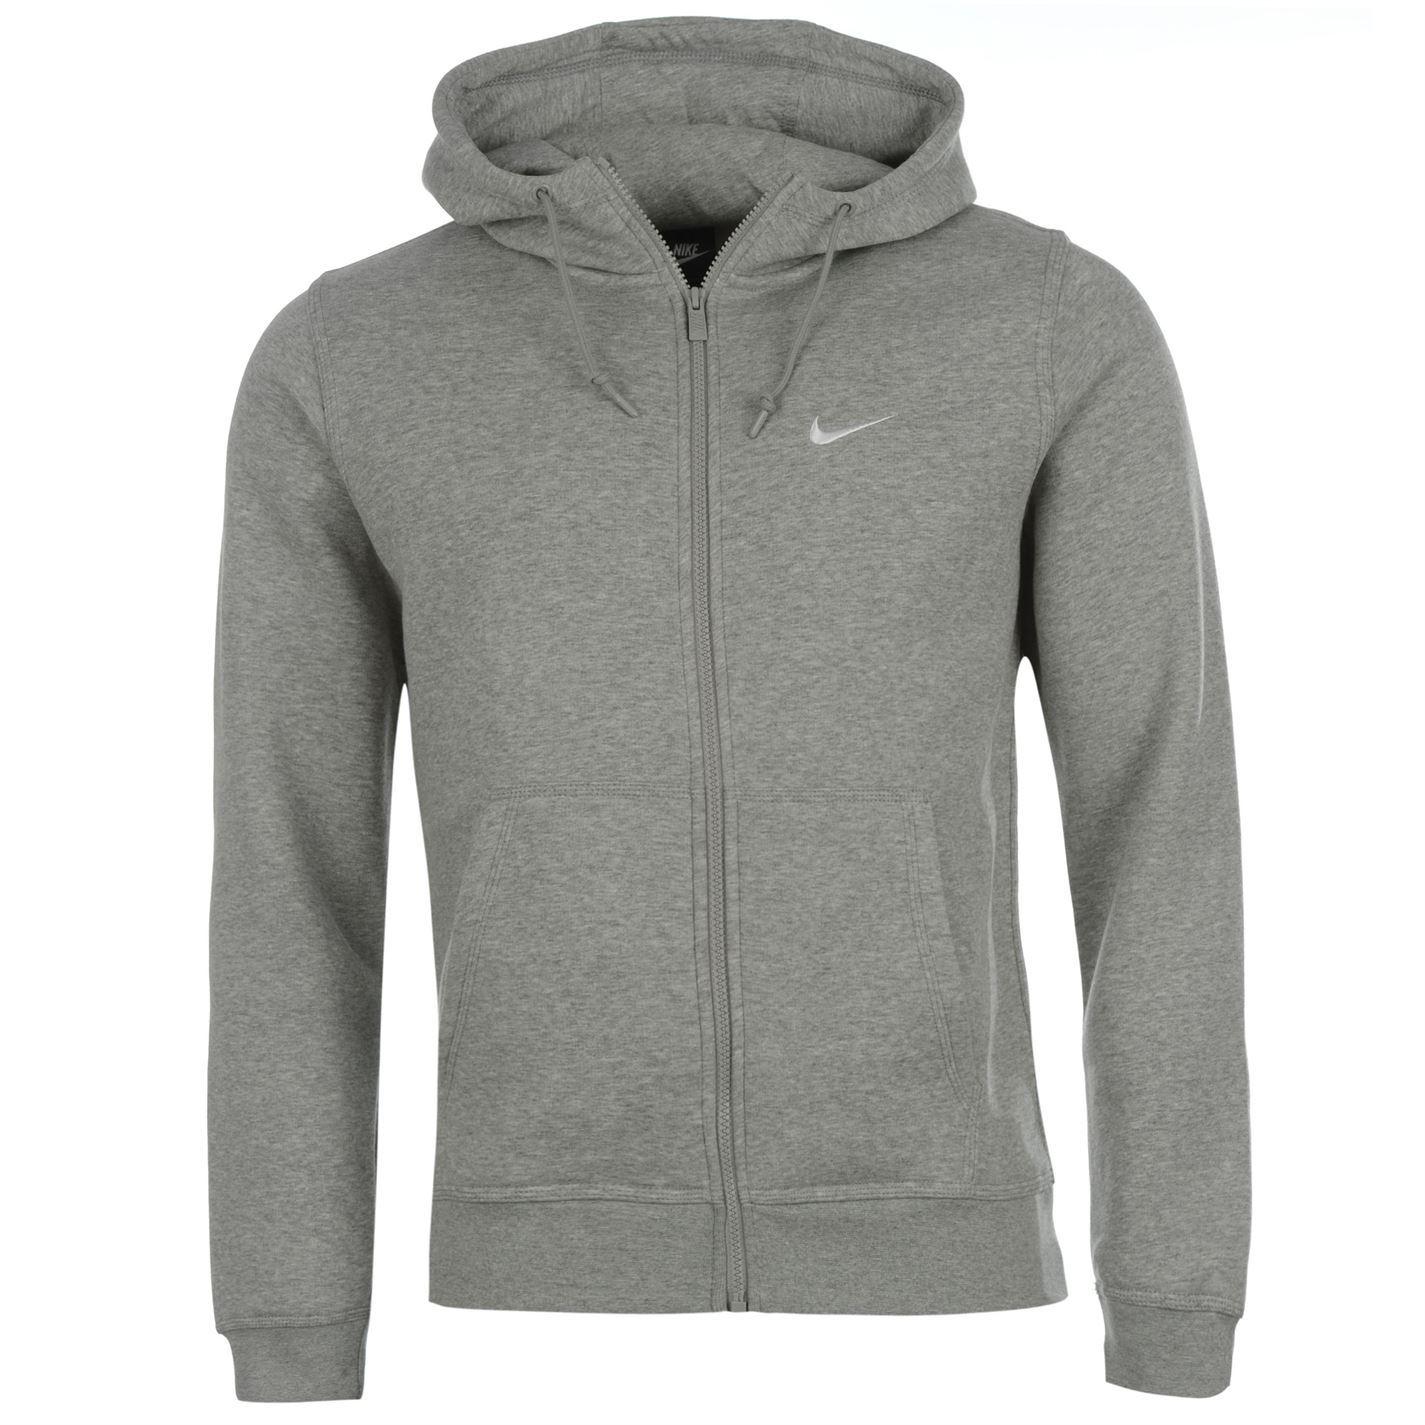 Nike-Fundamentals-Full-Zip-Hoody-Jacket-Mens-Hoodie-Sweatshirt-Sweater-Top thumbnail 20